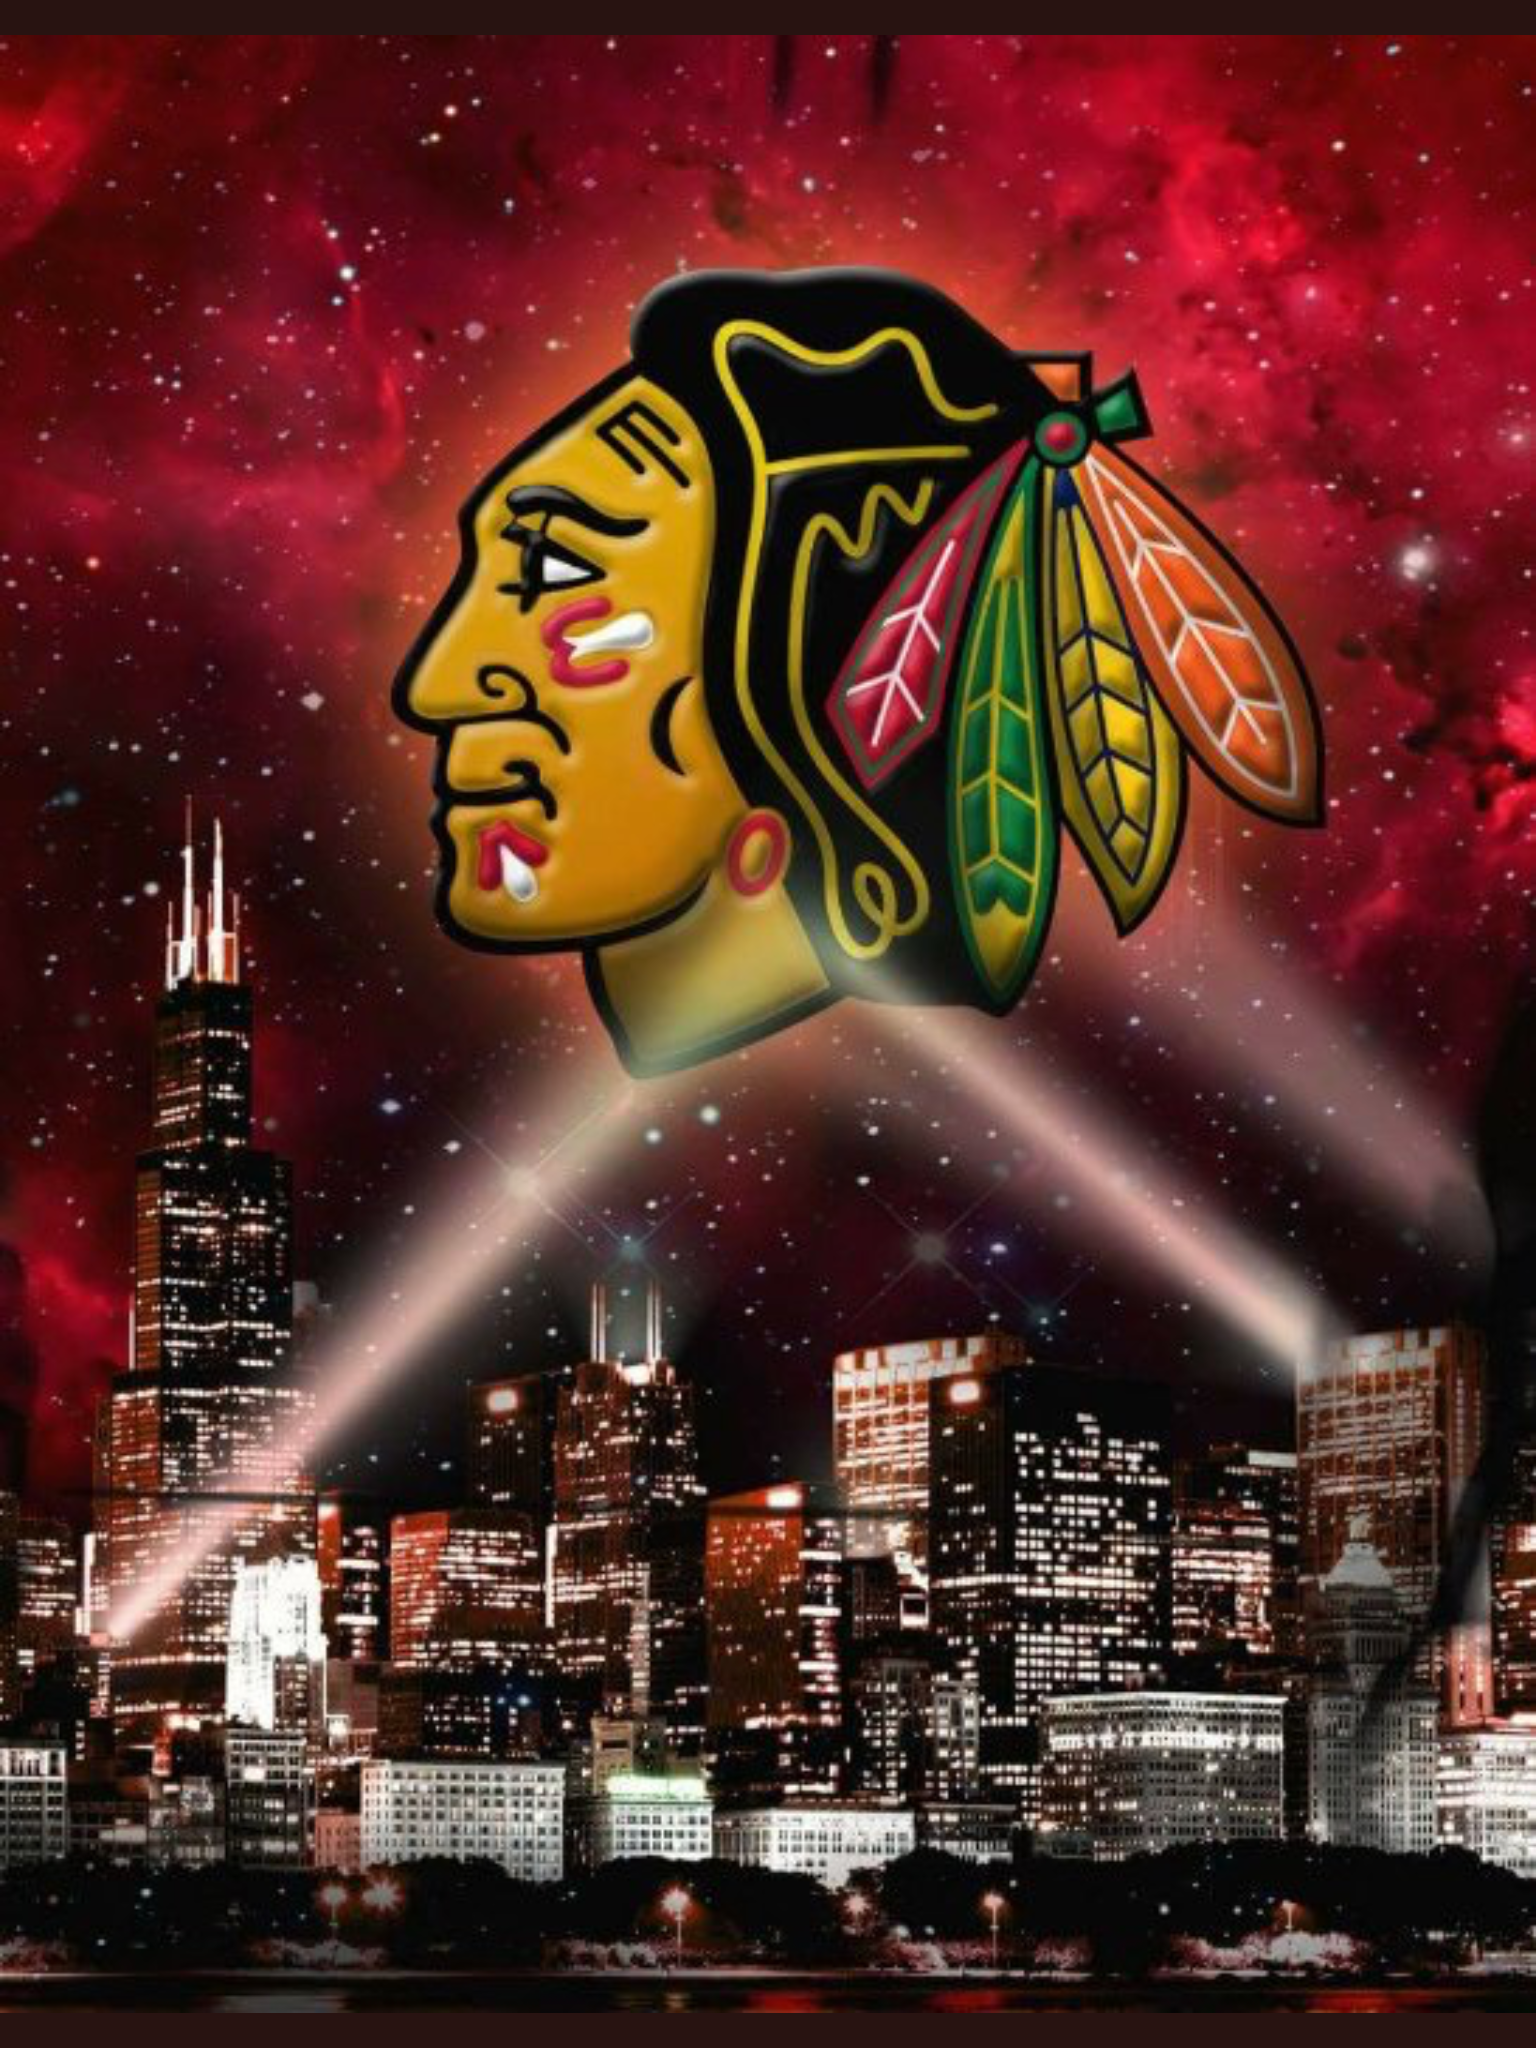 Pin By Jacqueline Borucki On Blackhawks Chicago Blackhawks Wallpaper Chicago Blackhawks Hockey Hawks Hockey